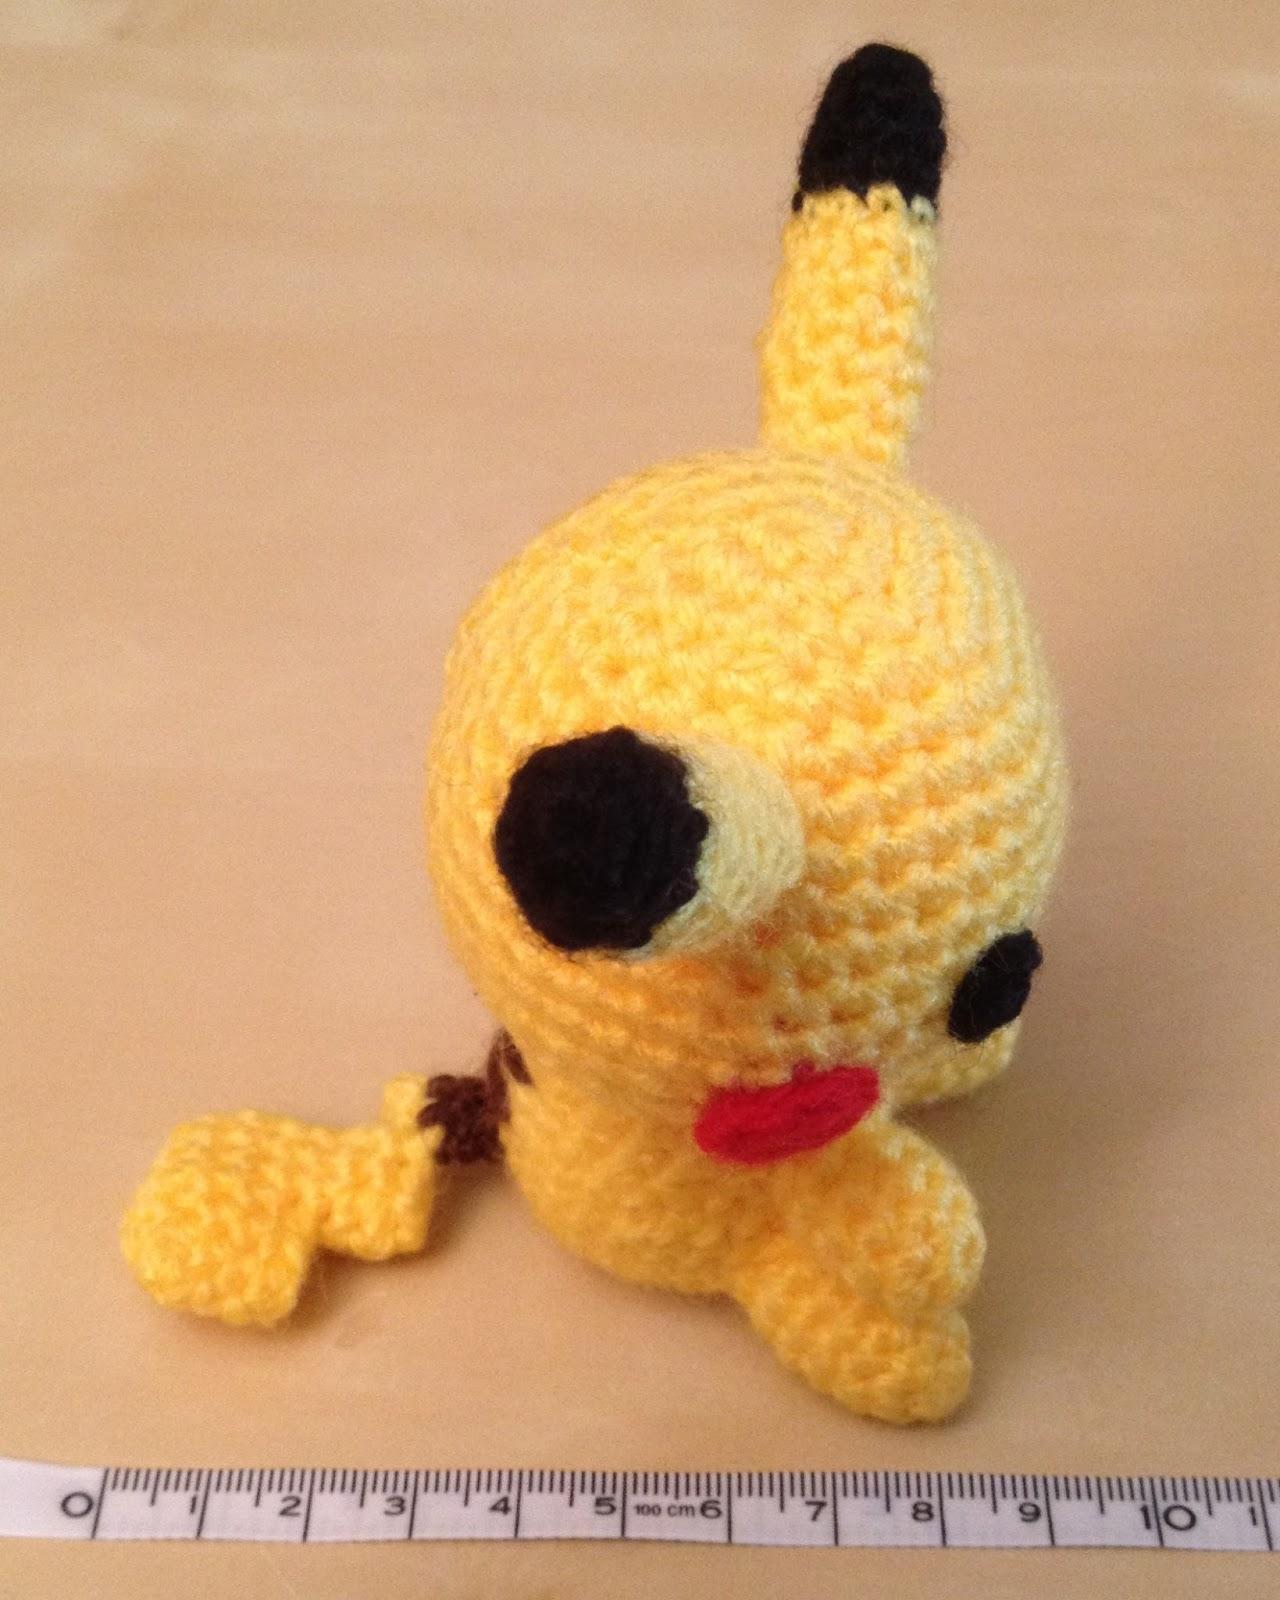 Hannahs Kreativblog: Amigurumi Pikachu